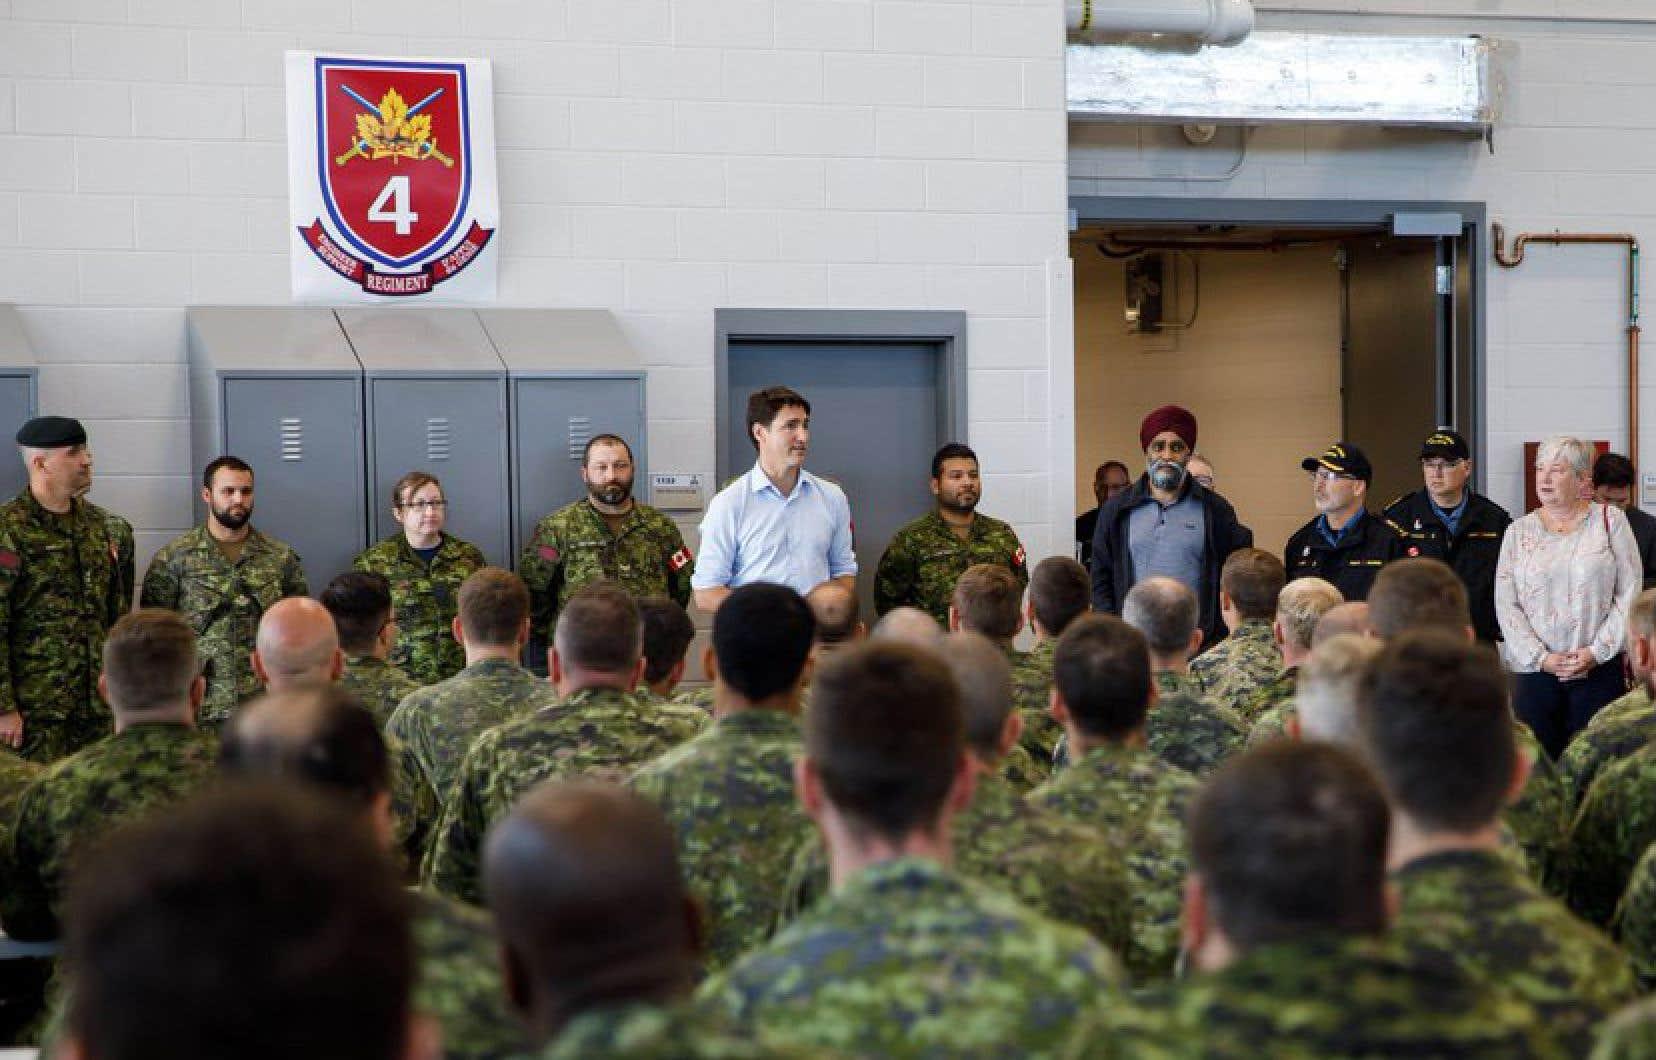 Des centaines de militaires ont été déployés à Halifax, principalement pour aider à déplacer les arbres et les branches qui jonchent les routes, et pour rétablir les lignes électriques tombées.